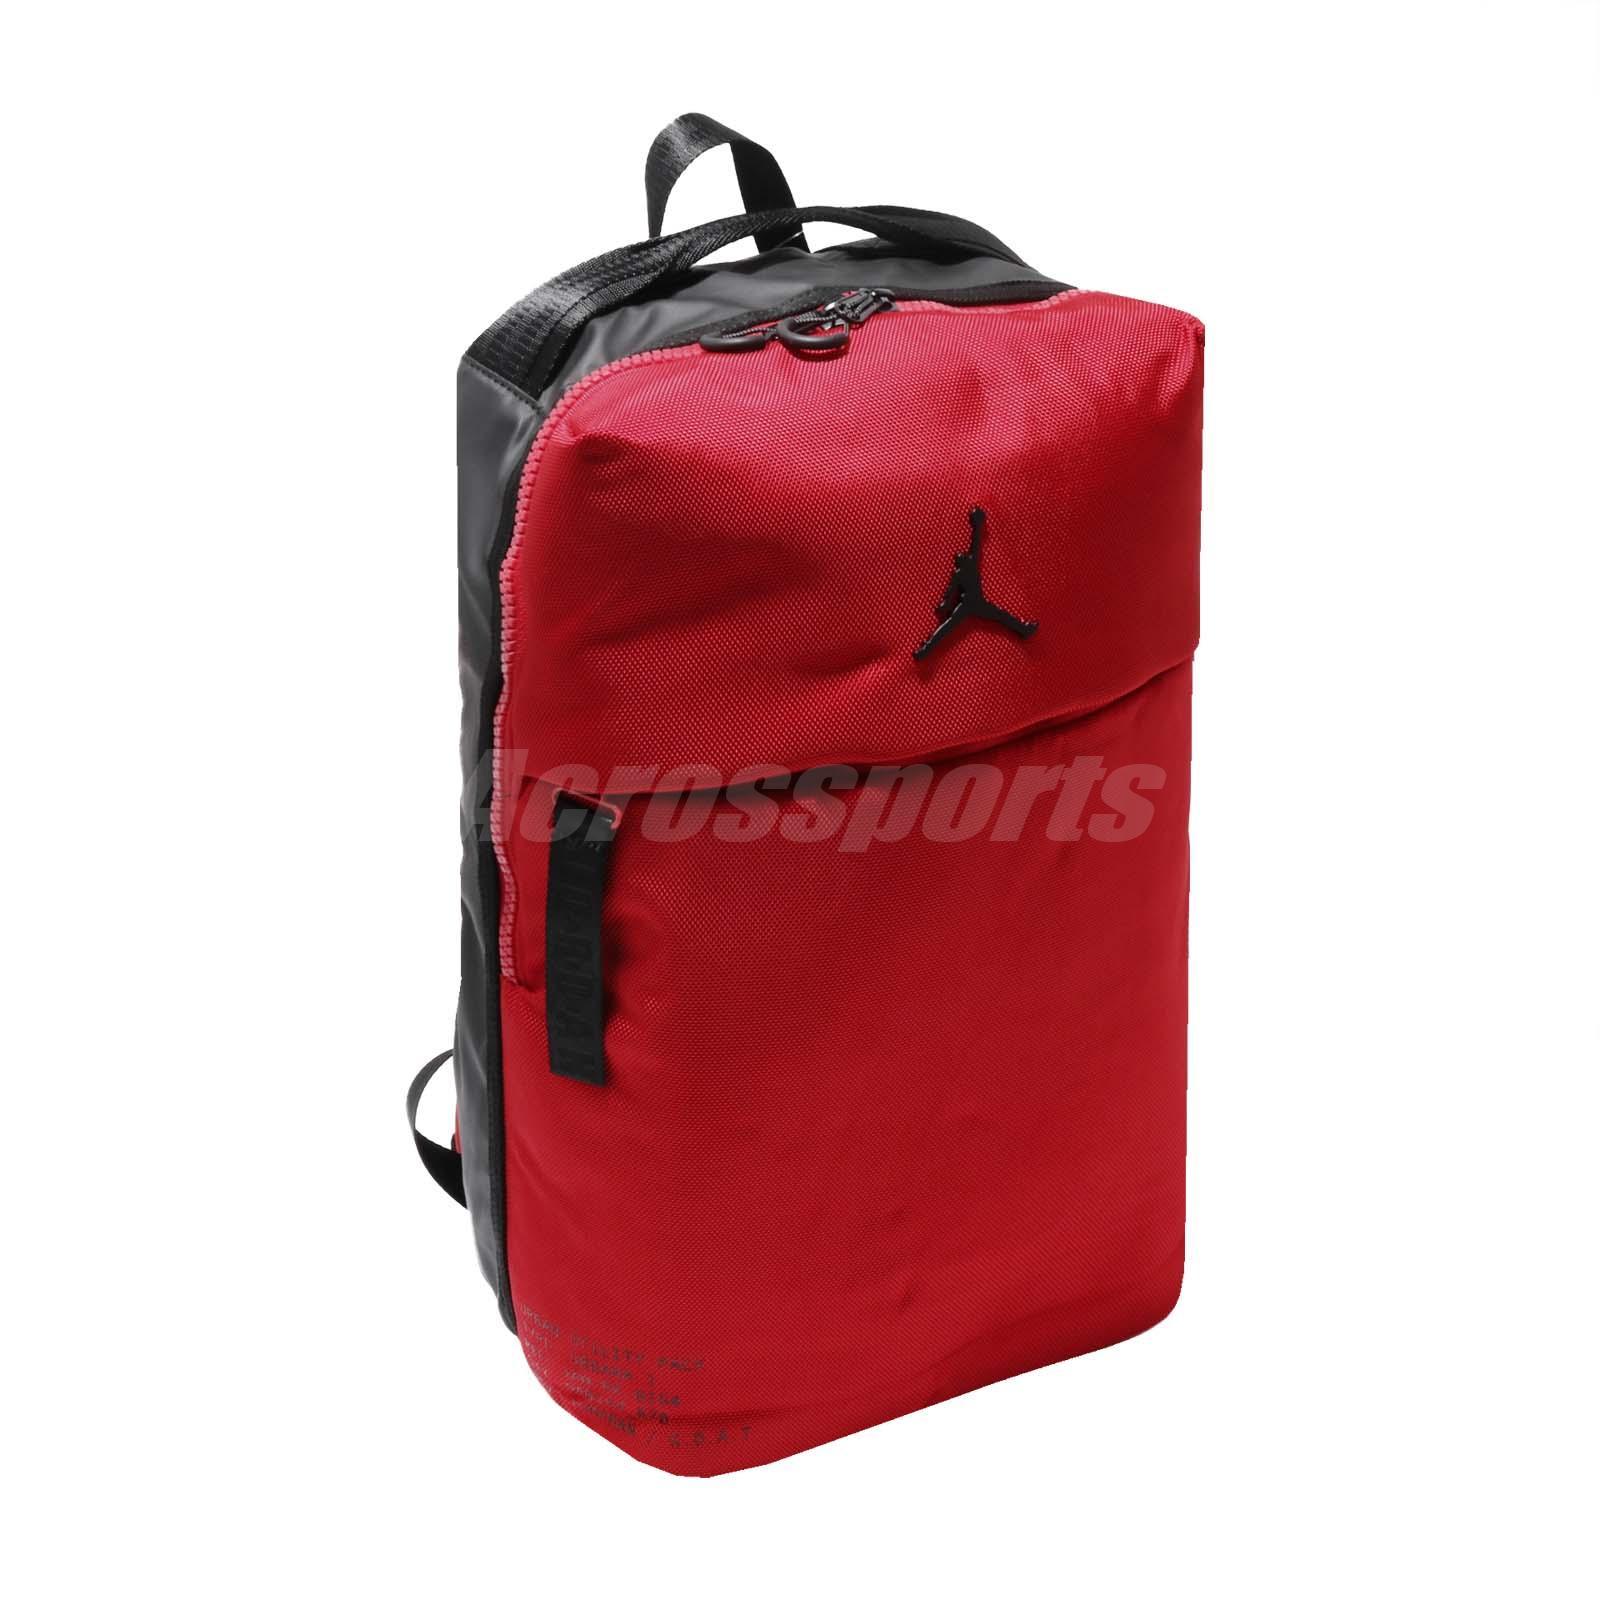 924b4a31eaf5fb Details about Nike Jordan Urbana 1 Pack Large 25L Backpack Bookbag Bag Red  Black Laptop Sport